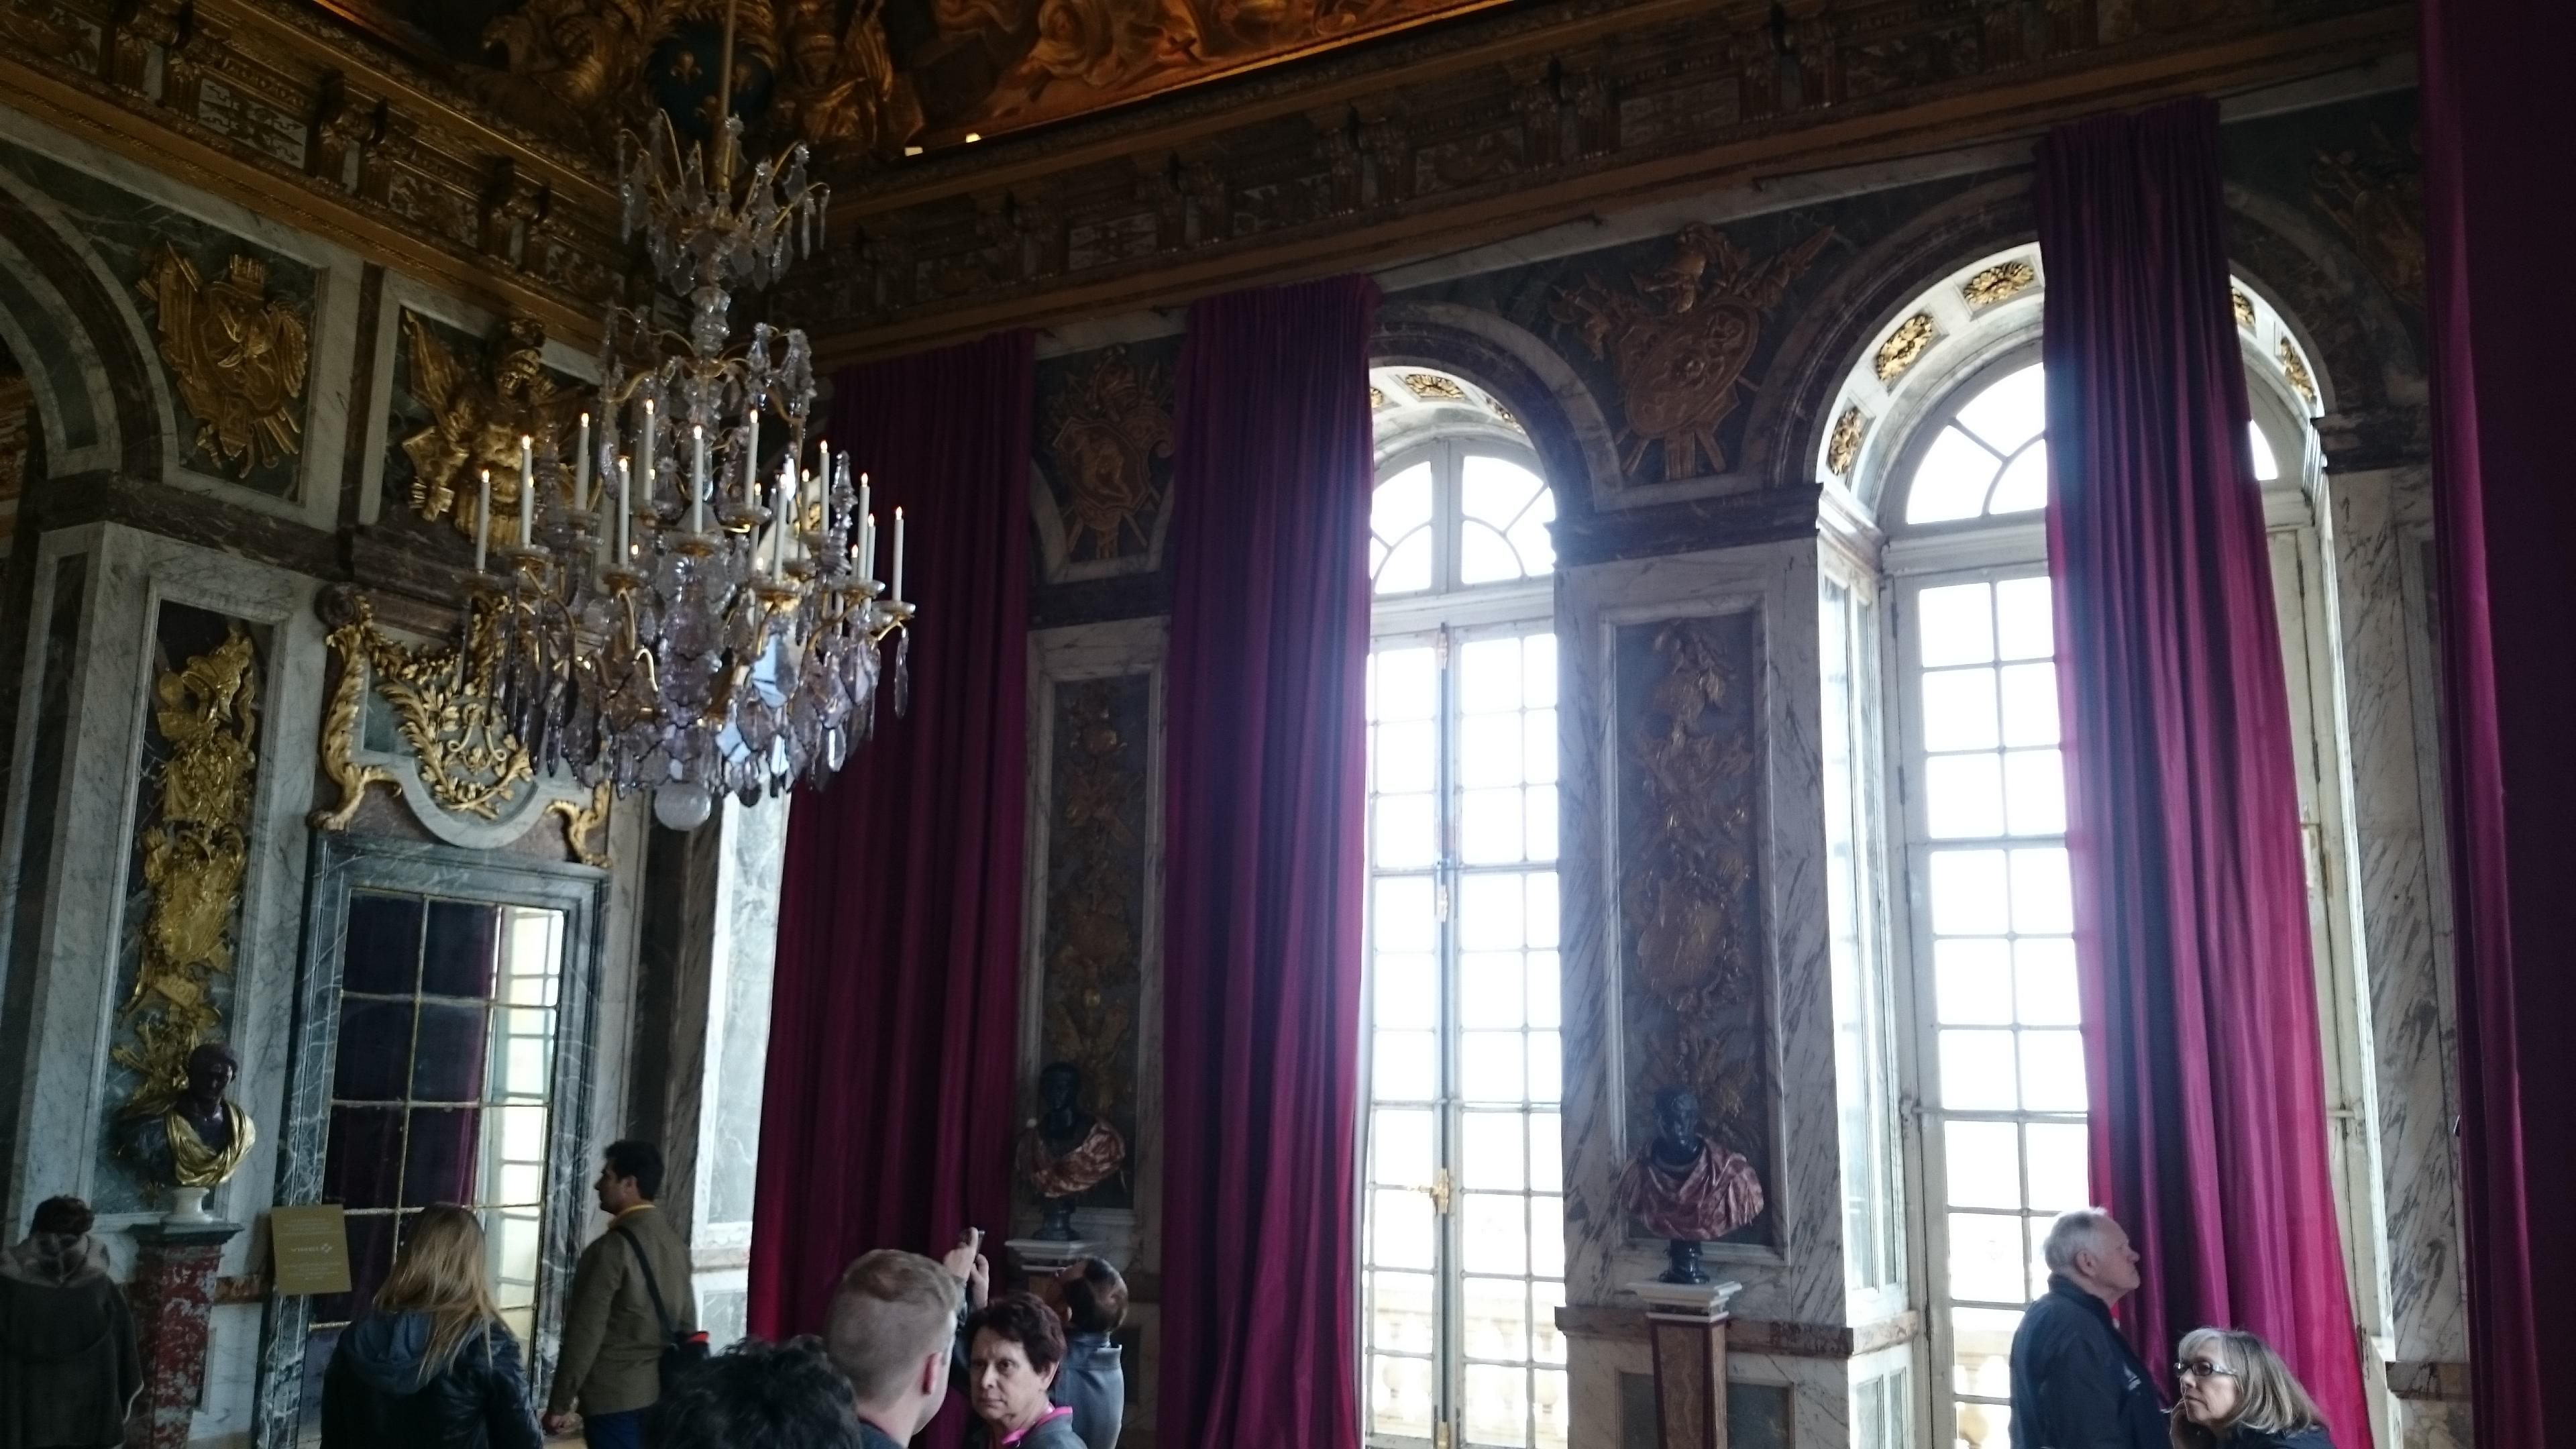 dsc 13621 - Visita al Palacio de Versalles: Como ir, cuanto cuesta y tips III/III